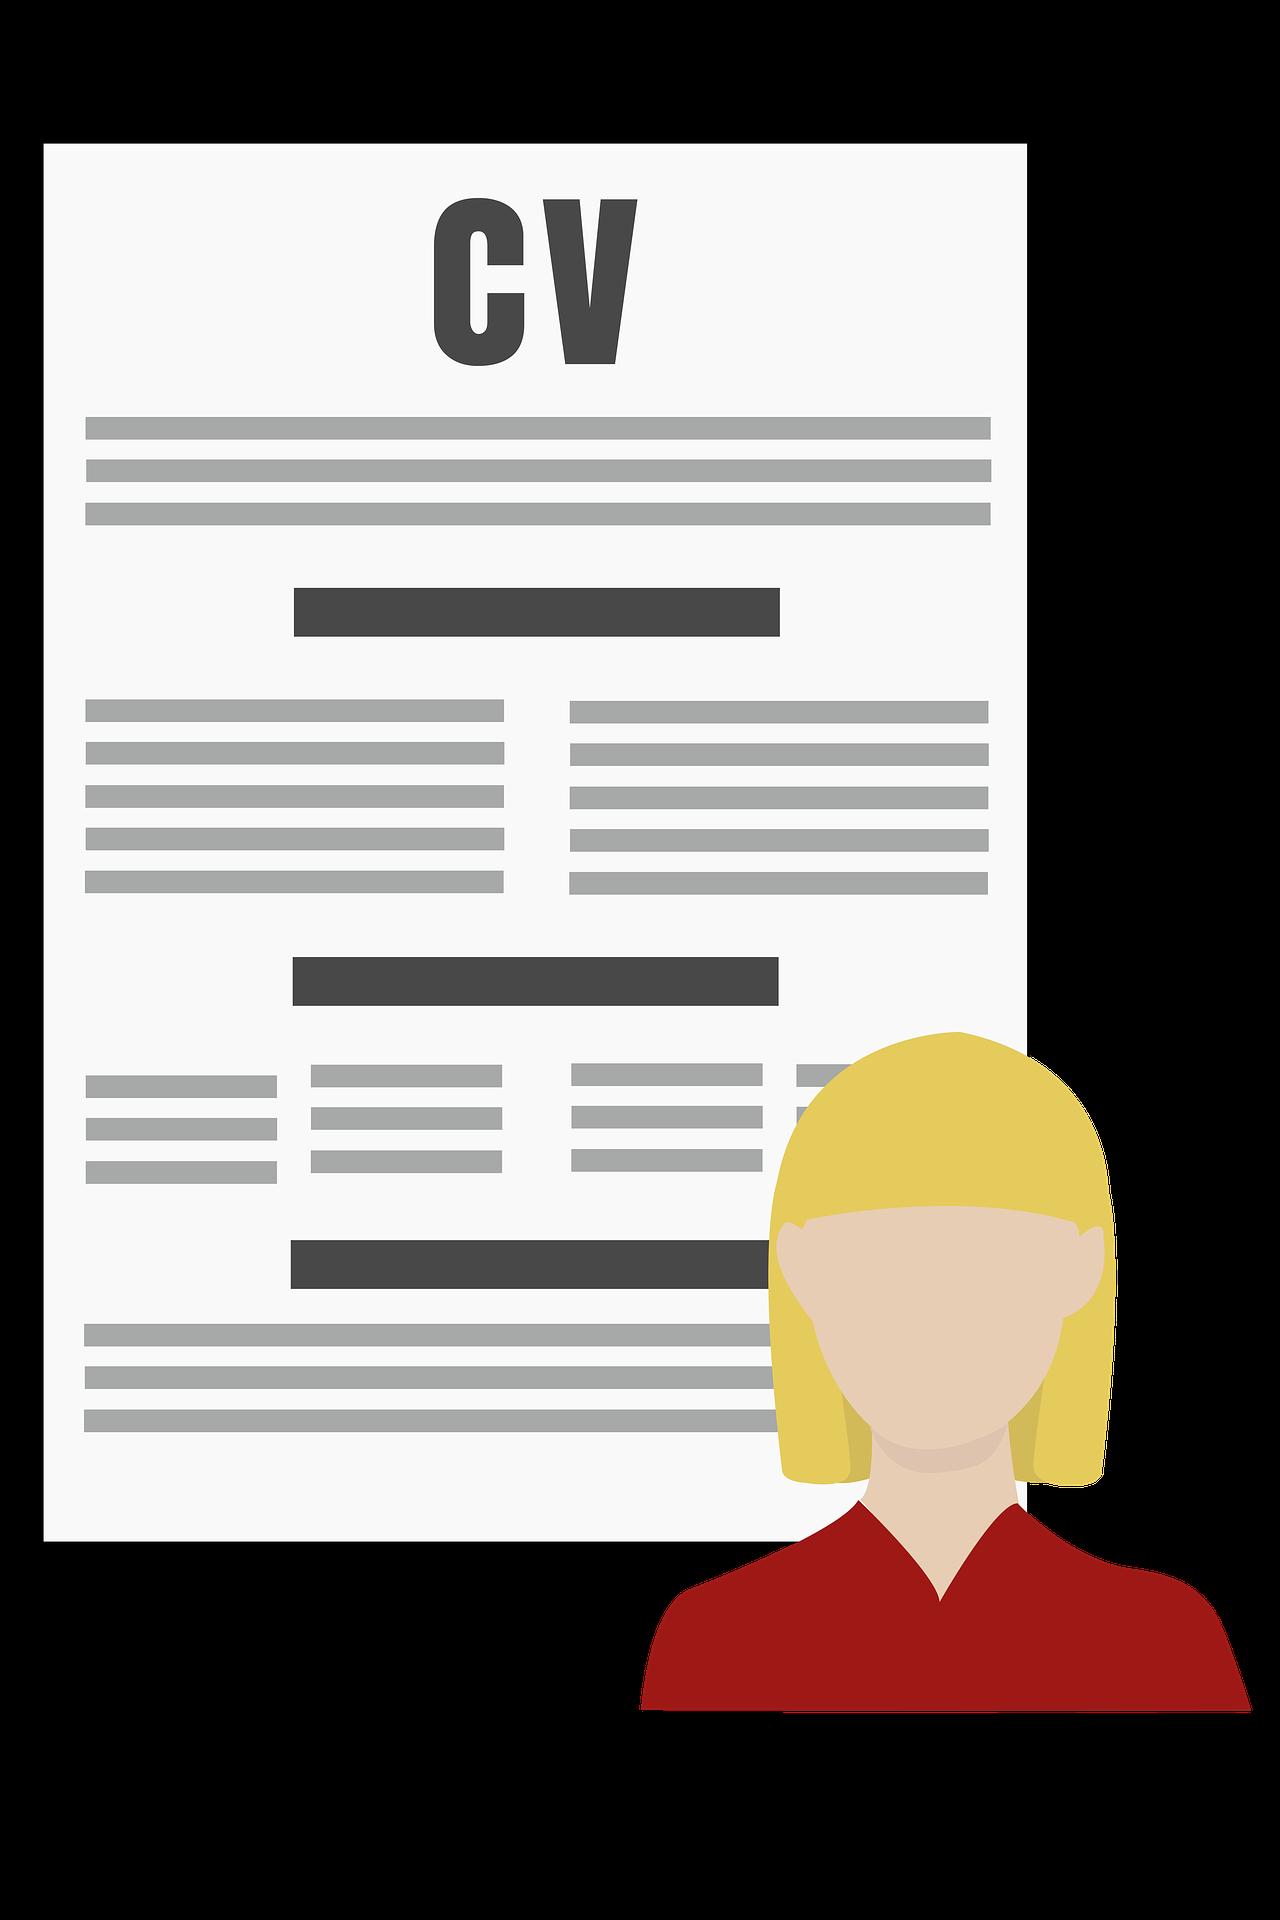 Hva står egentlig CV for på toppen av dette dokumentet?